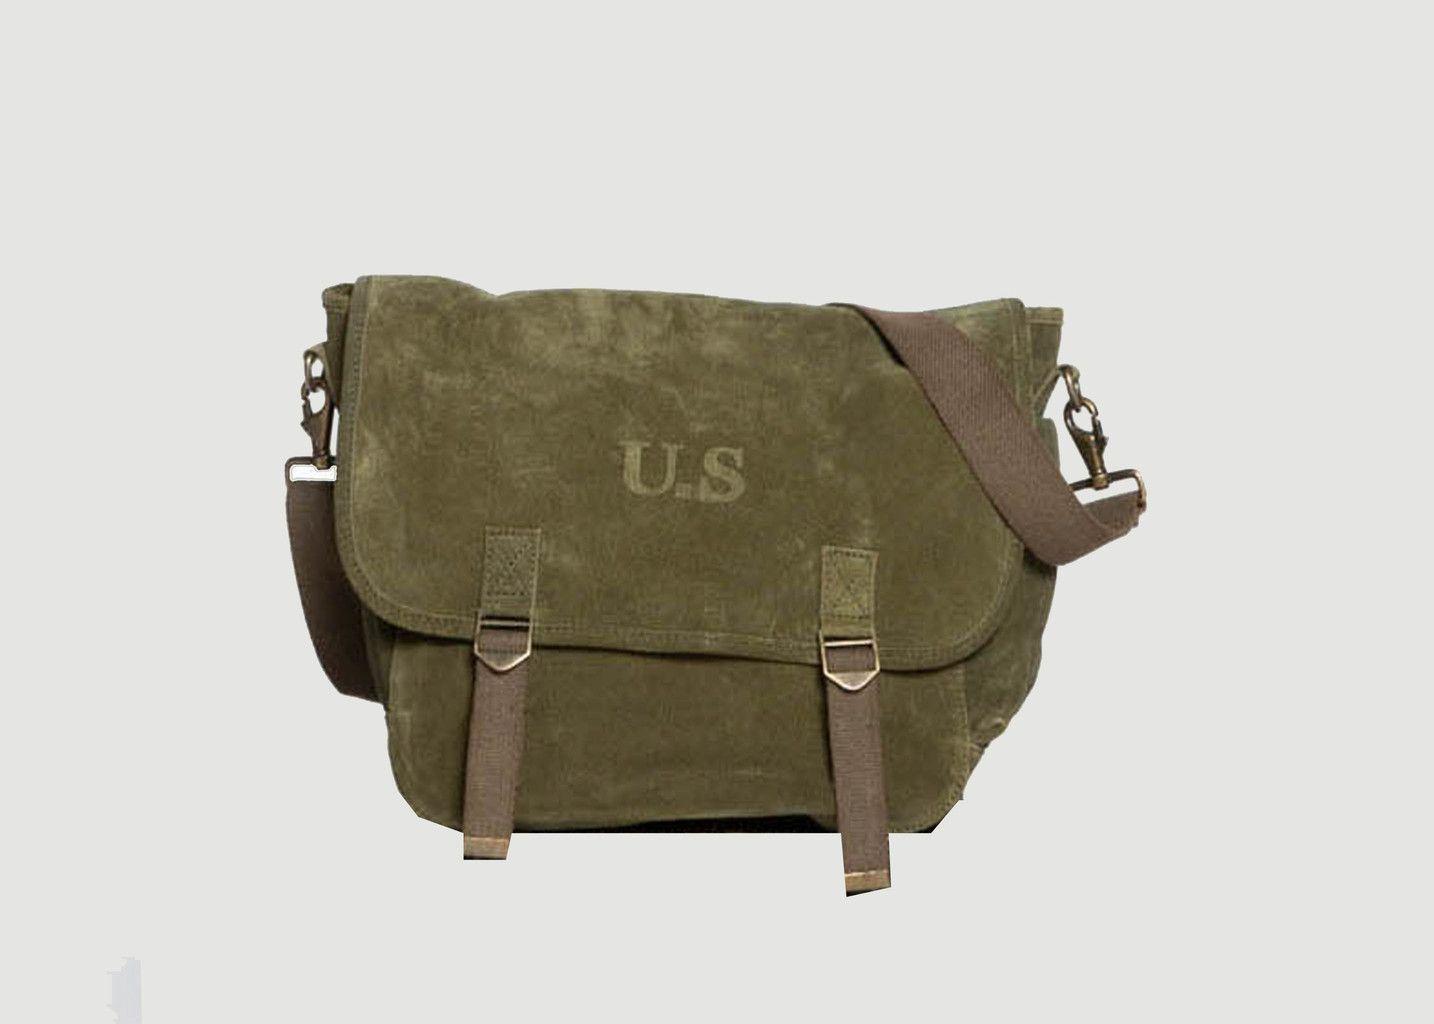 Grand sac en cuir suédé - SAC US